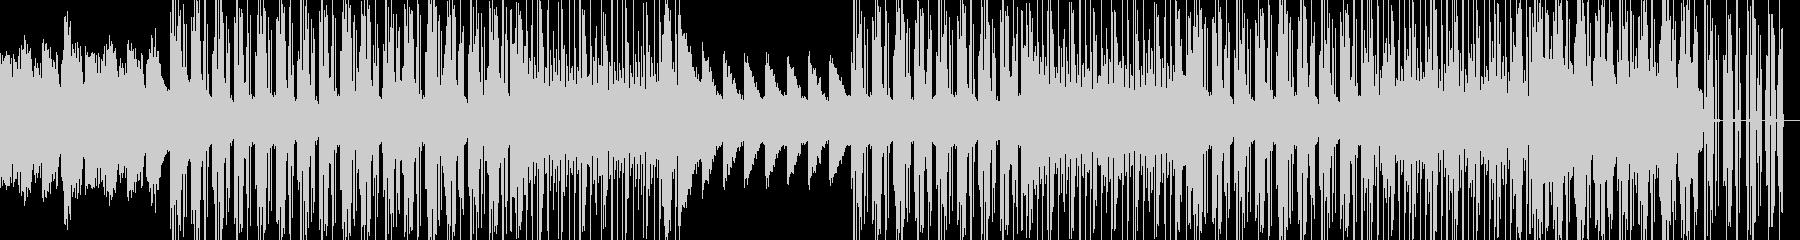 ピアノを基調としたHipHopの未再生の波形